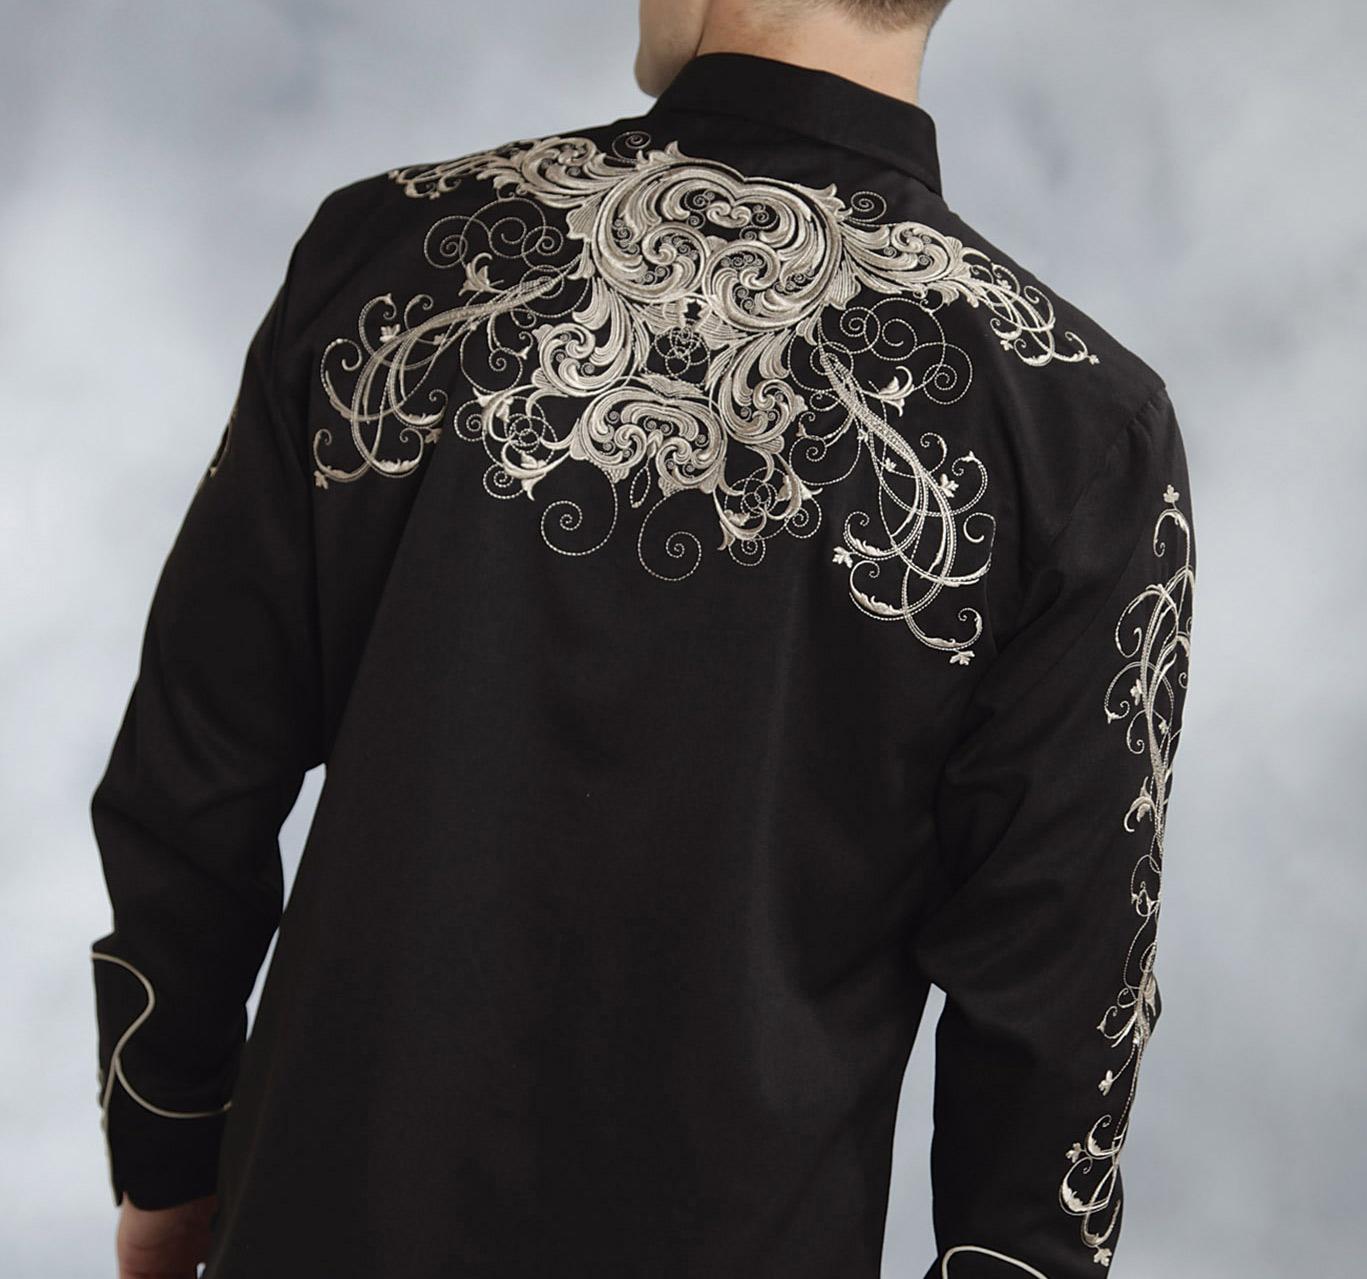 Roper men s twill w swirl pattern embroidery western shirt